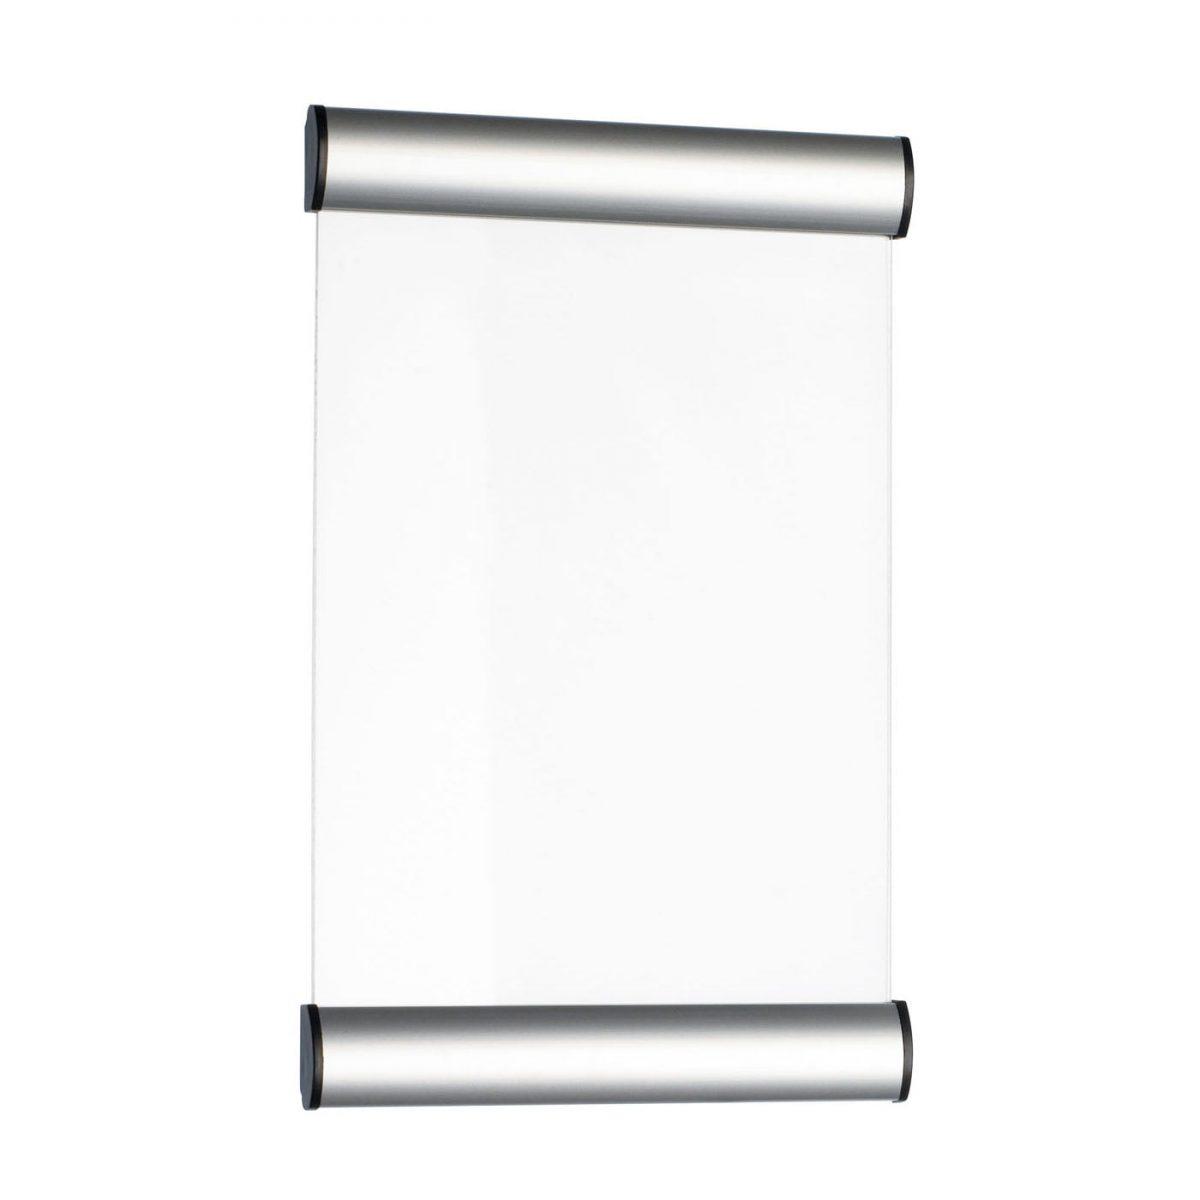 Display metalic pentru nume, pentru semnalizare usa, 24 x 15 cm, ALCO